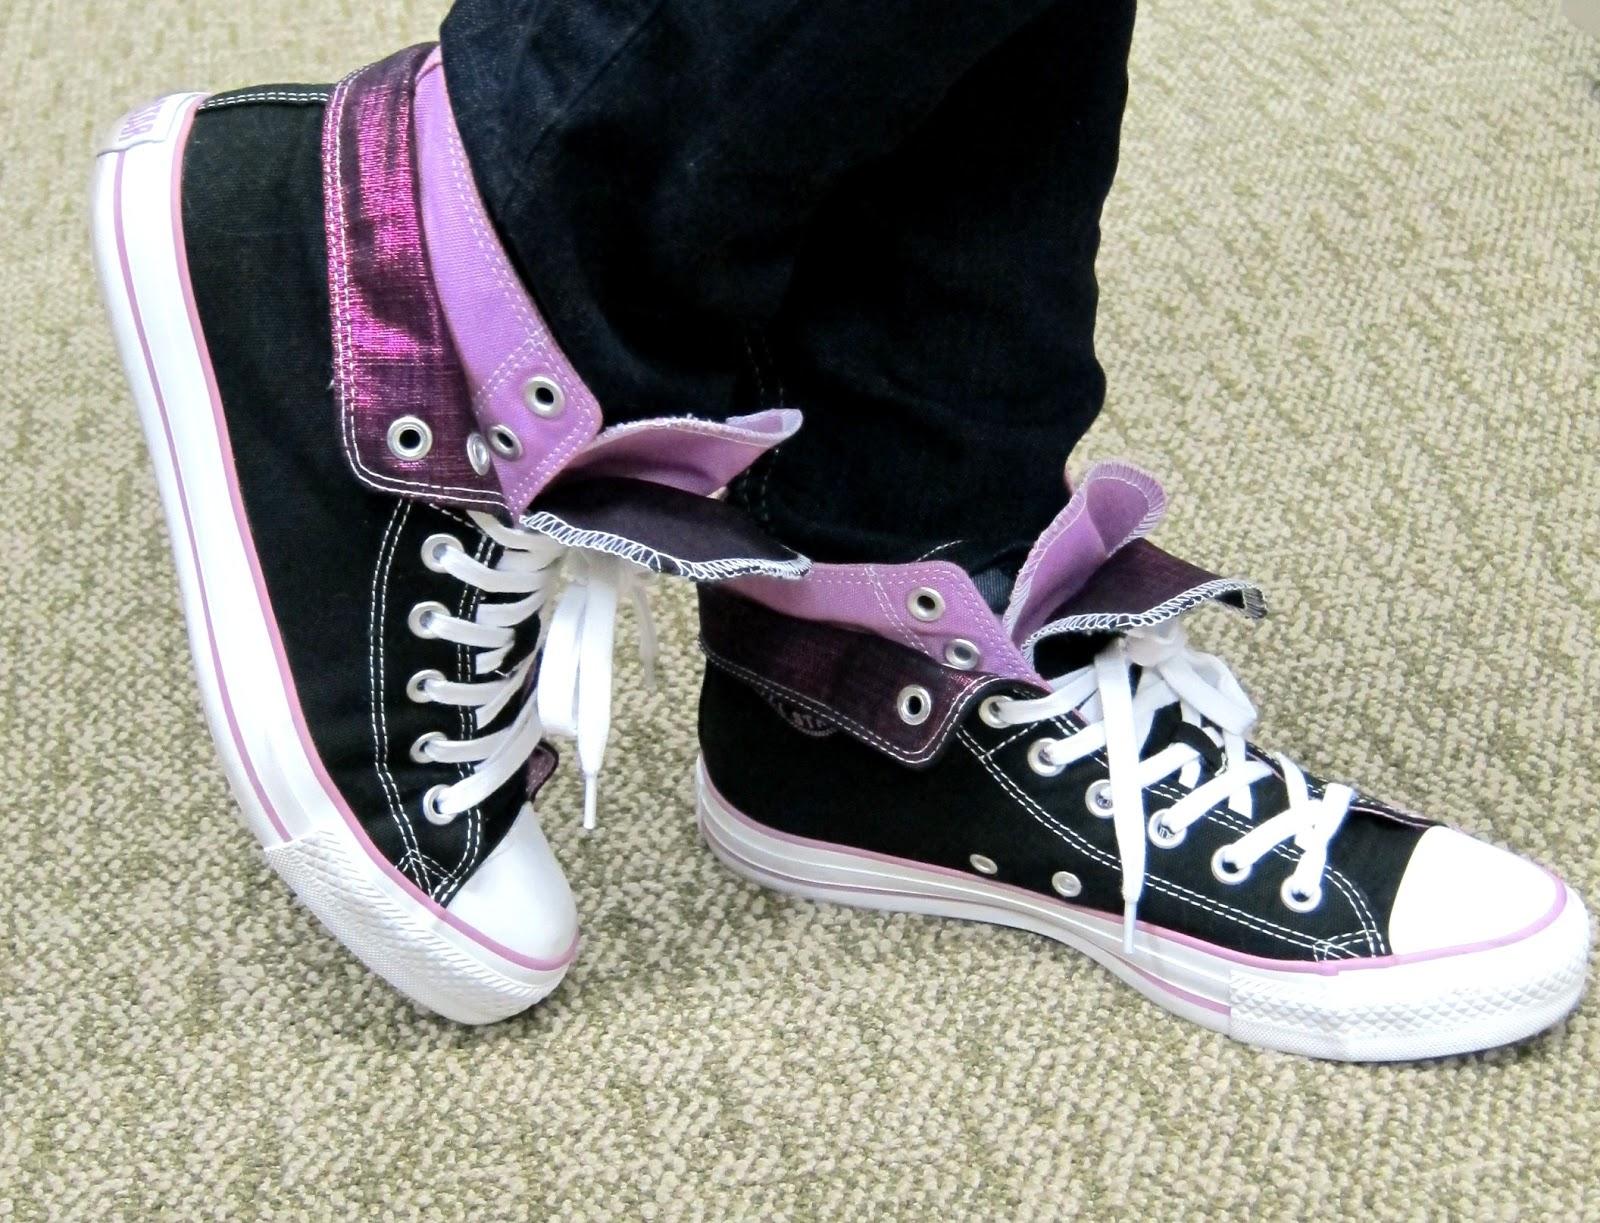 ee60fc907407a5 Imagenes De Converse Originales - Converse All Star Original Zapatos  Converse en Mercado Libre